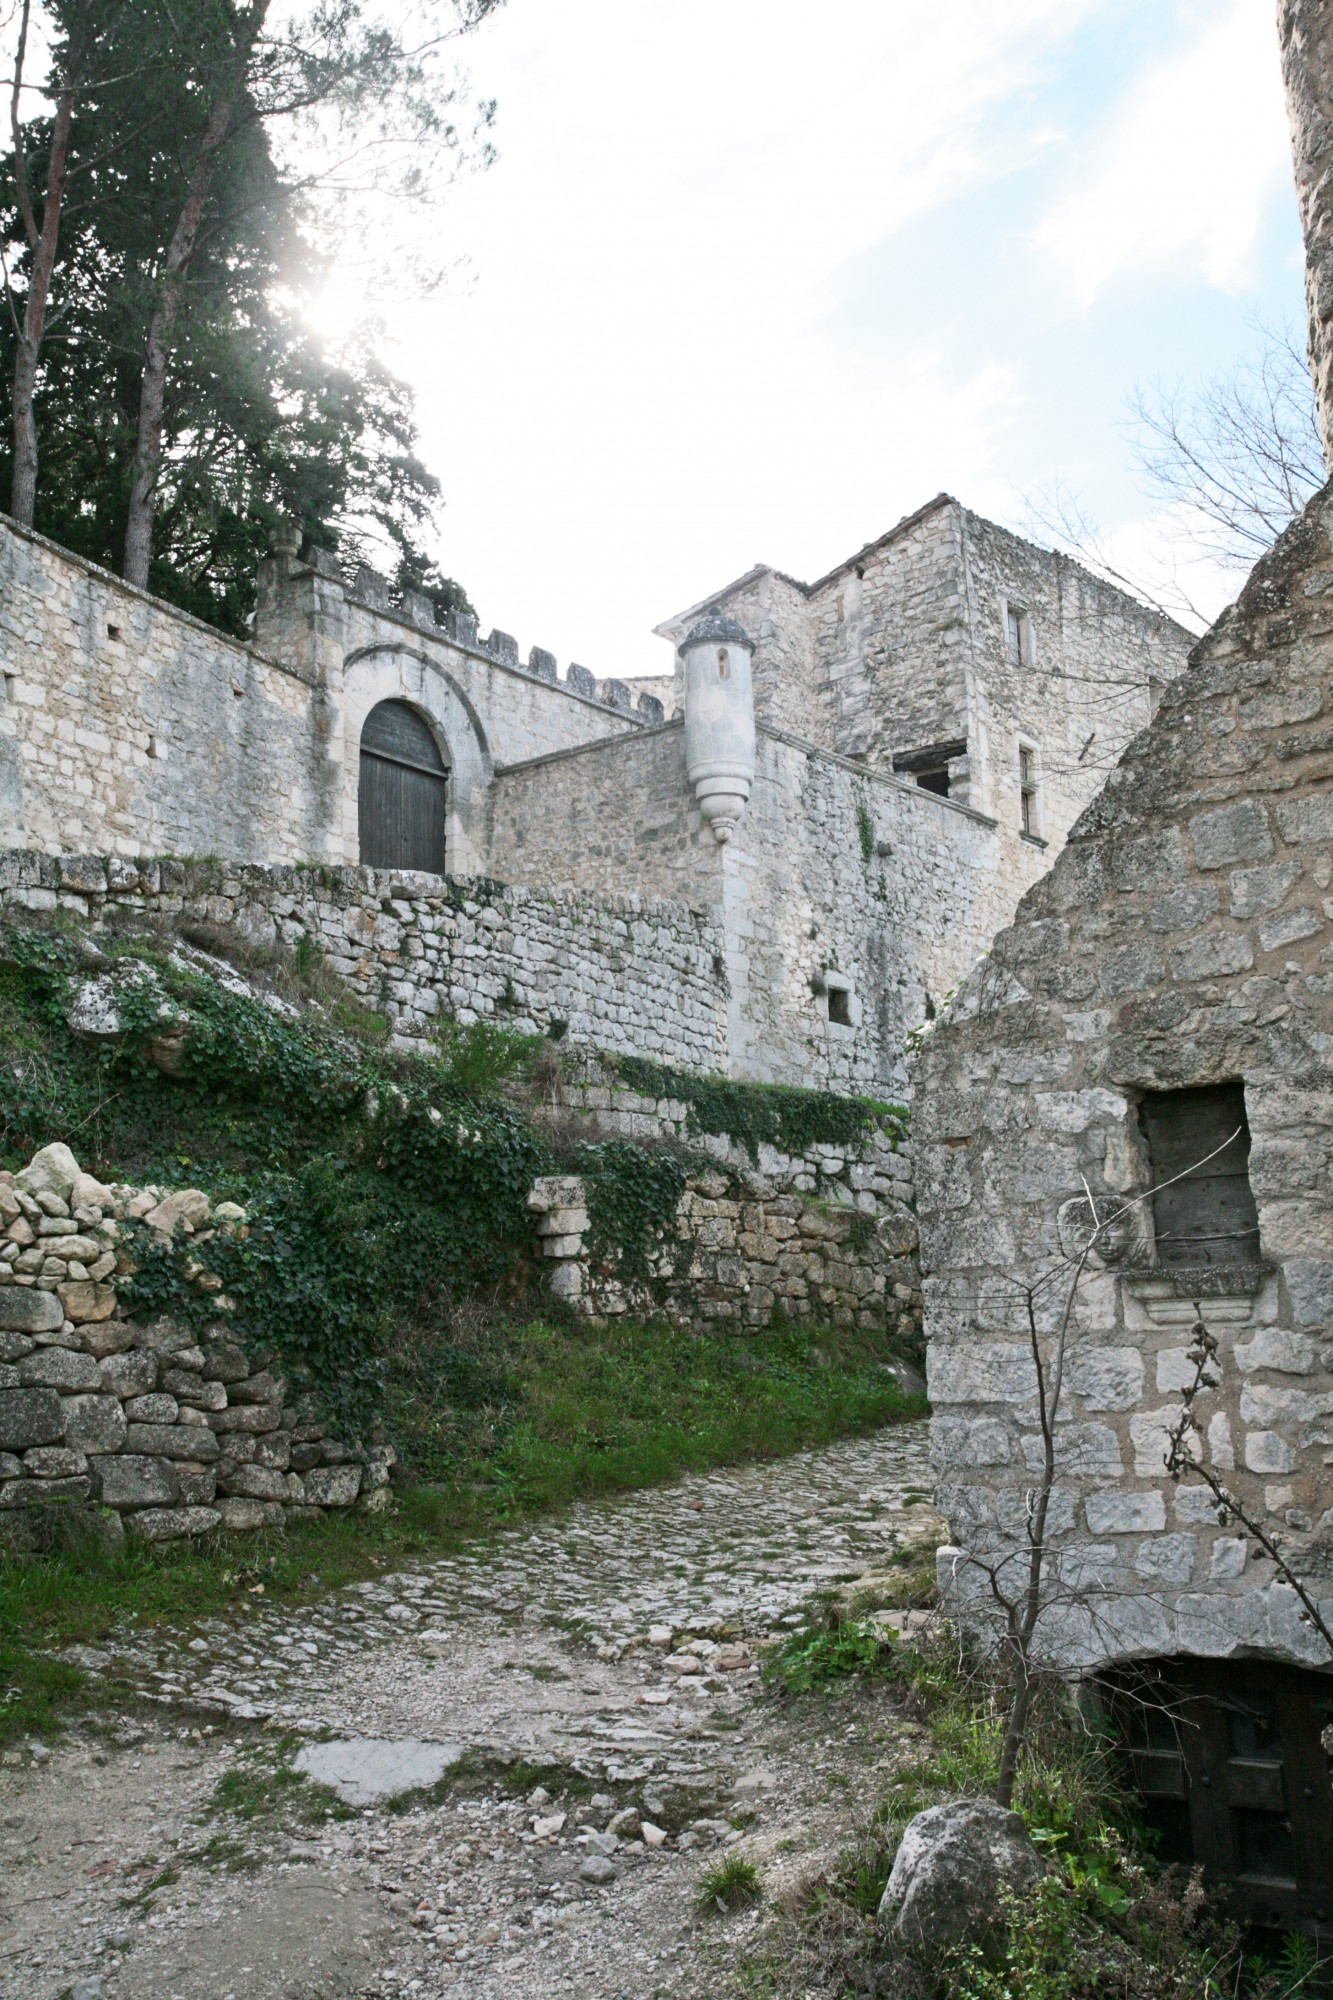 Rue dans la montée vers le chateau d'Oppède-le-vieux